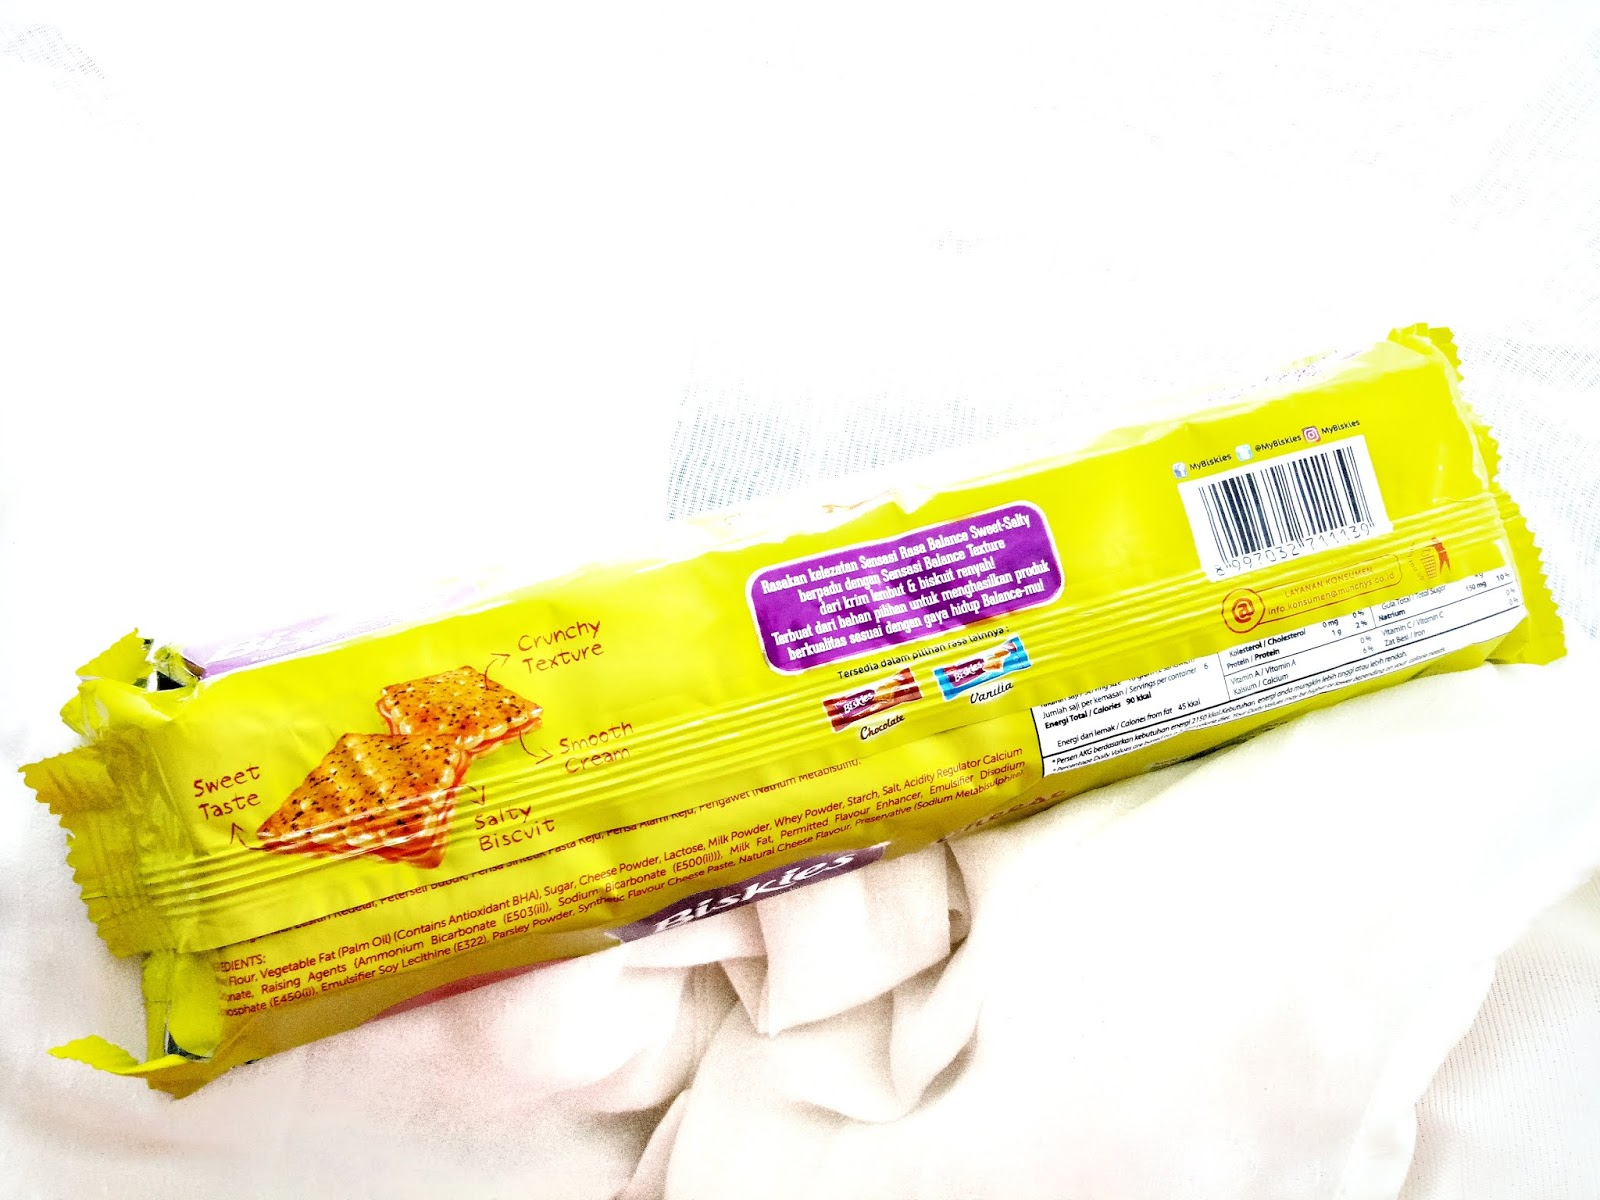 Biskies - Biskuit keju